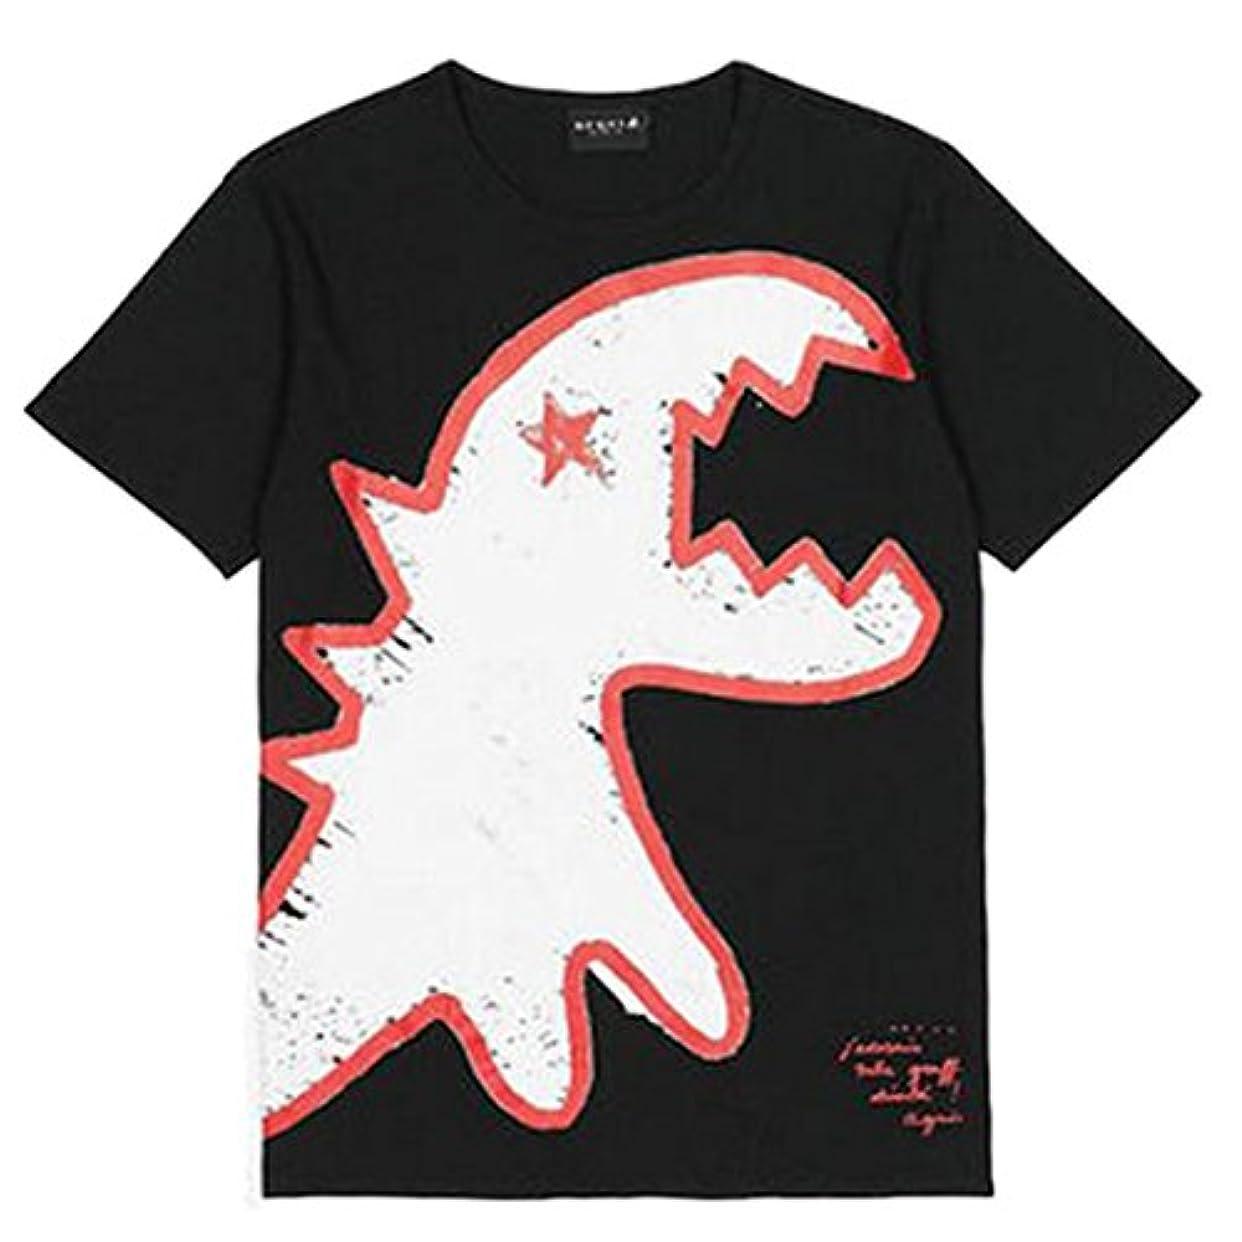 暖かく障害者採用するSPORT B アニエスベー メンズ Tシャツ 半袖 カットソー ロゴTシャツ HOMME コットン100%  agnes b. 黒 白 ショップバッグ付き